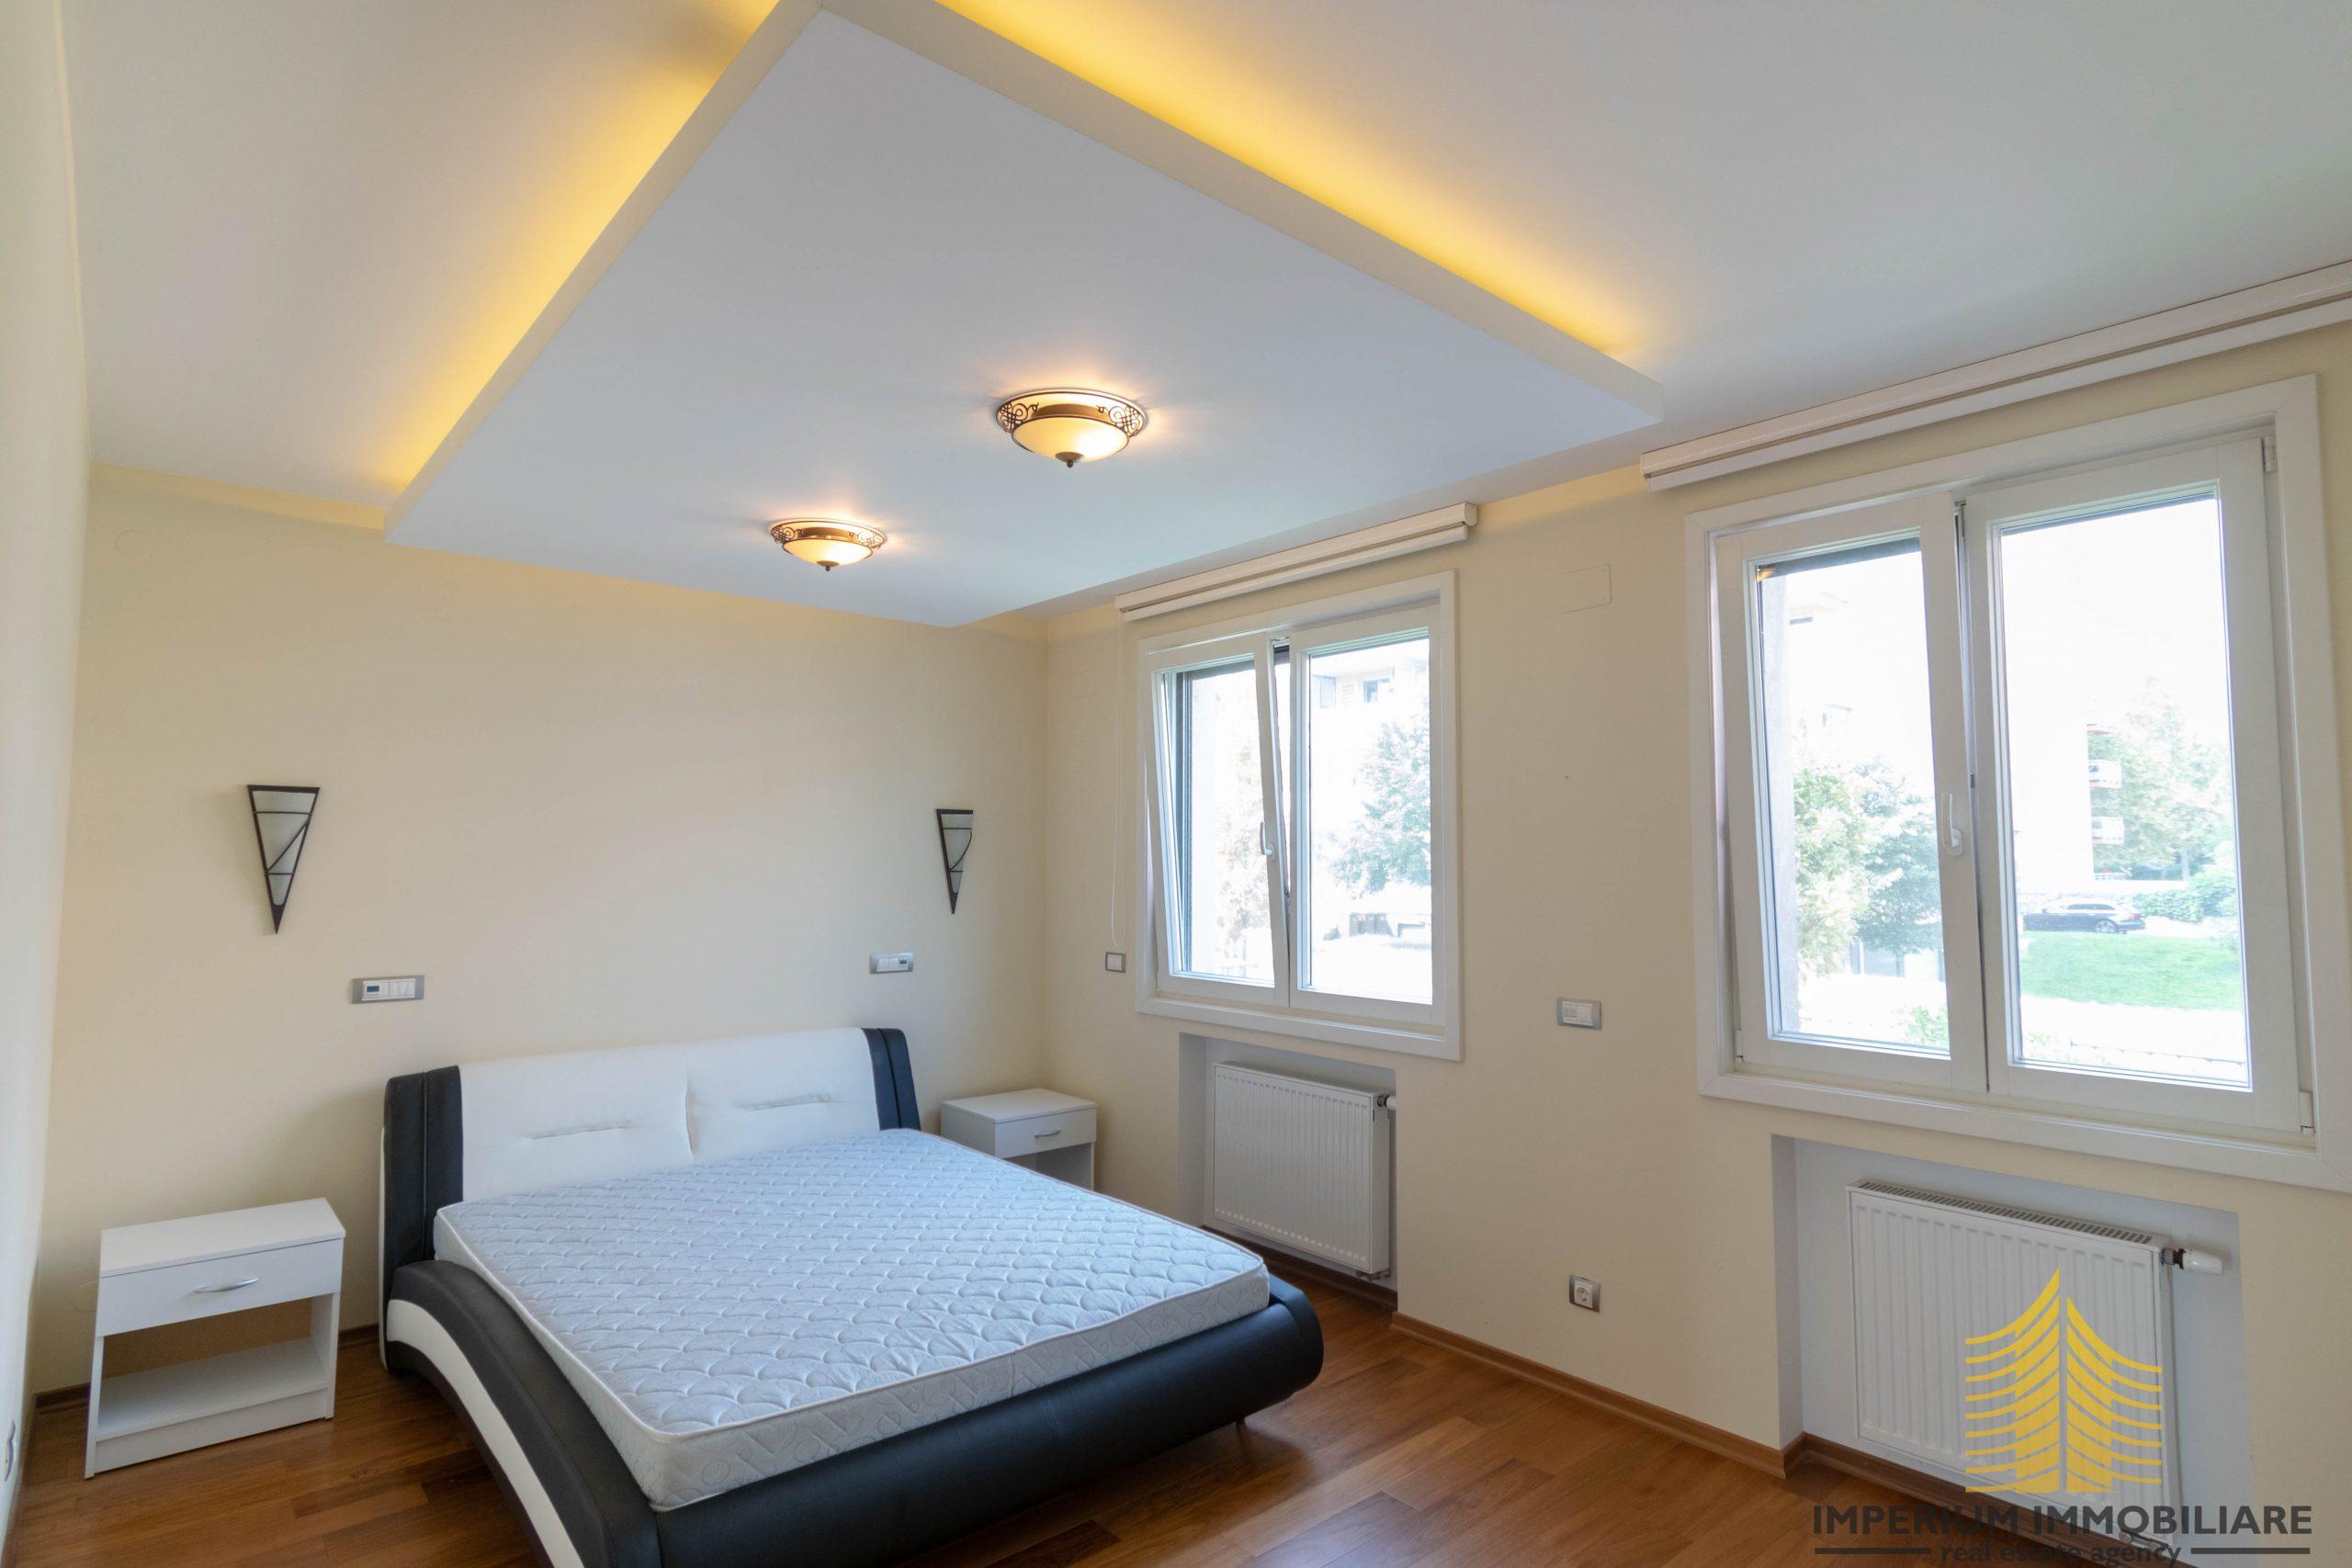 Stan: Zagreb (Jarun), 210.00 m2, novogradnja, LUX, 50M OD JARUNA (iznajmljivanje)